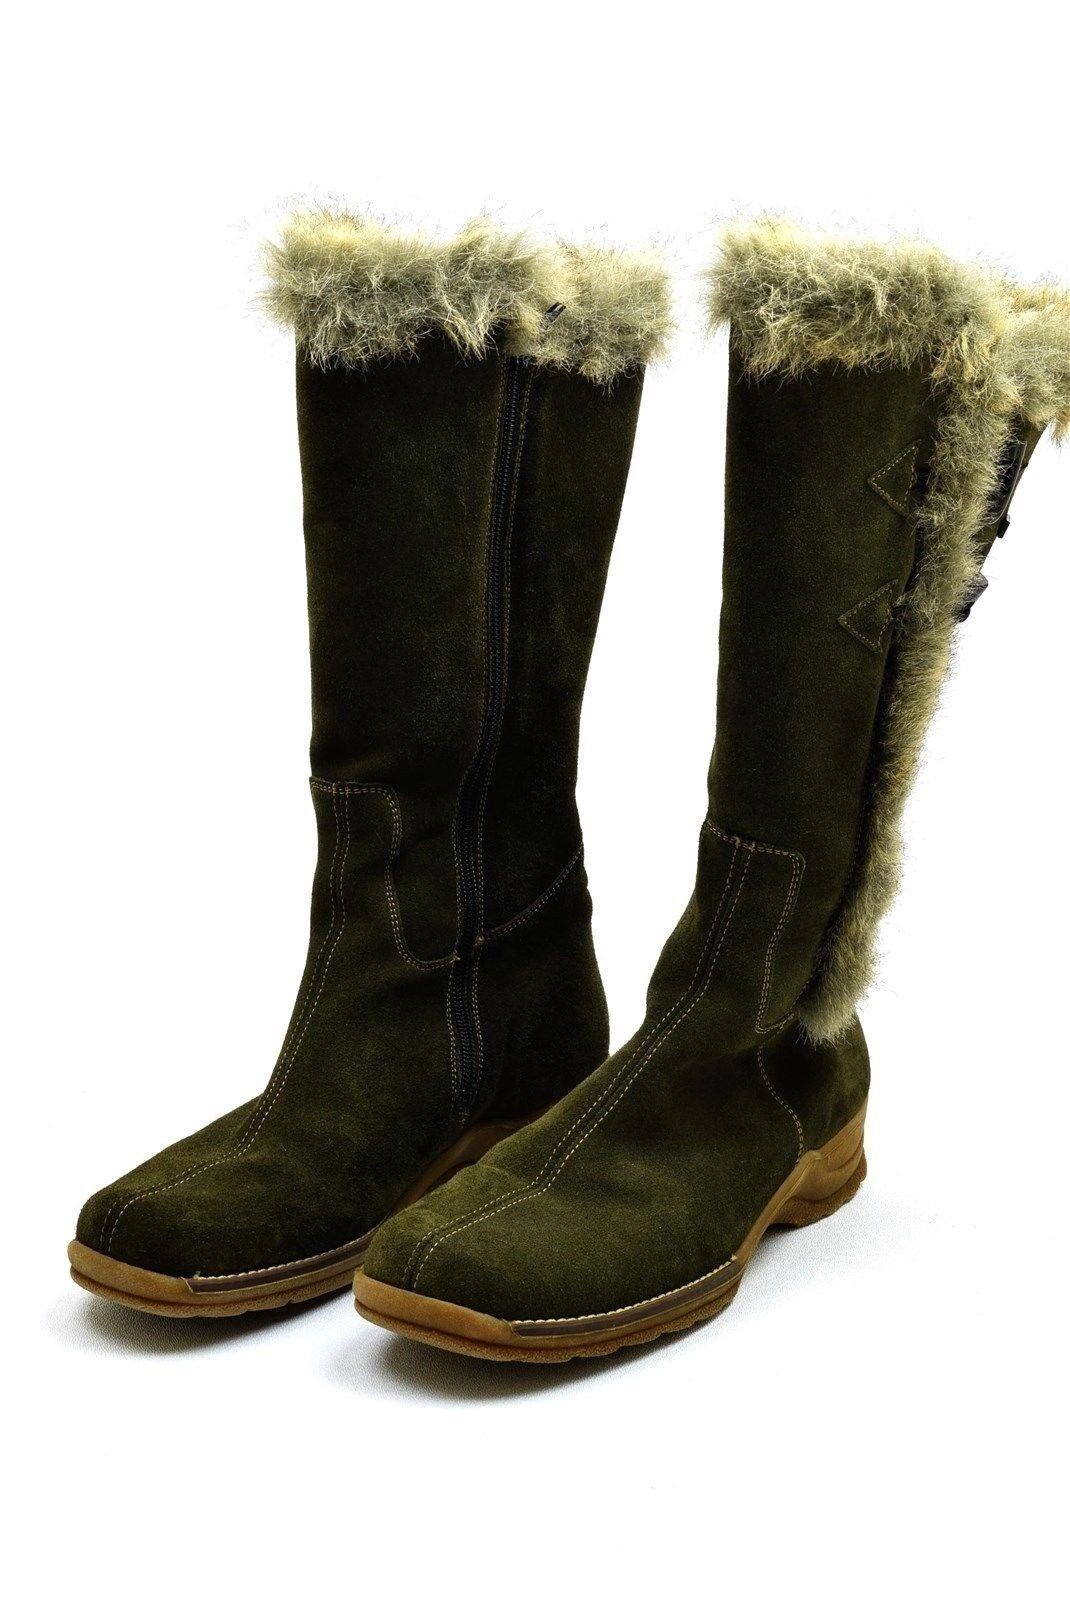 Rieker verde Suede Tall Winter stivali Faux Fur Dimensione 40 Dimensione 9